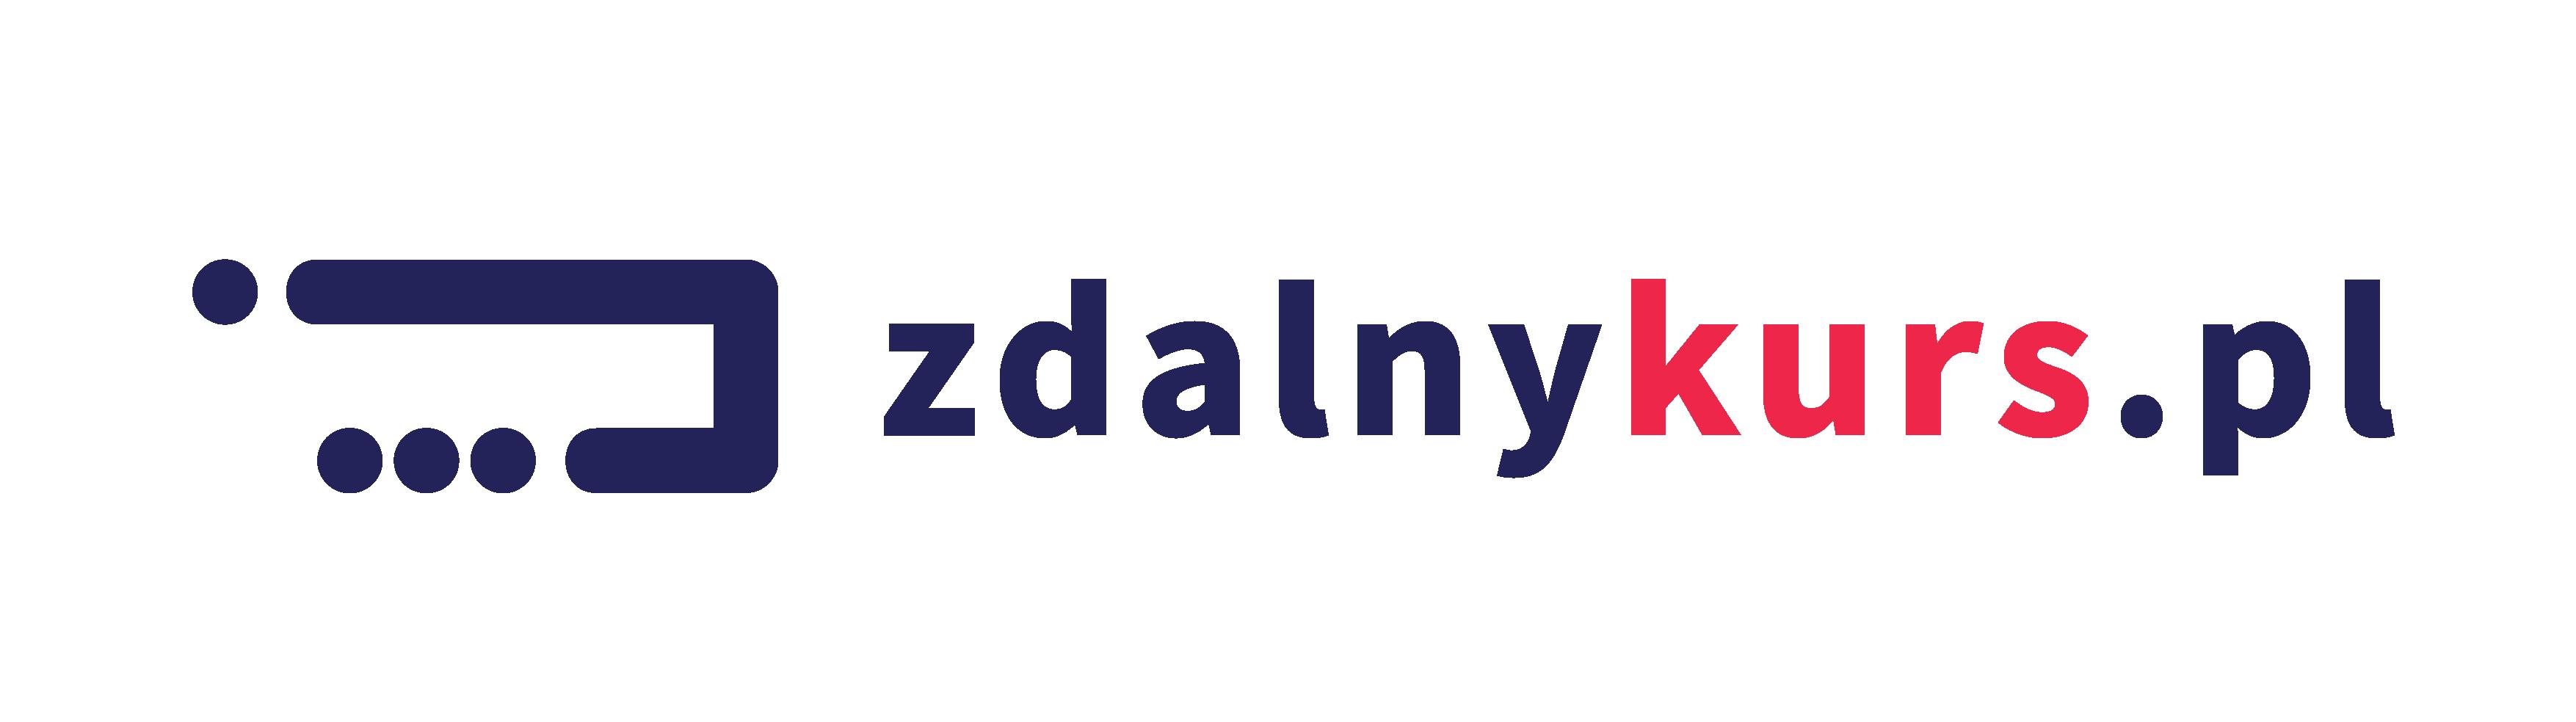 zdalny_kurs-11